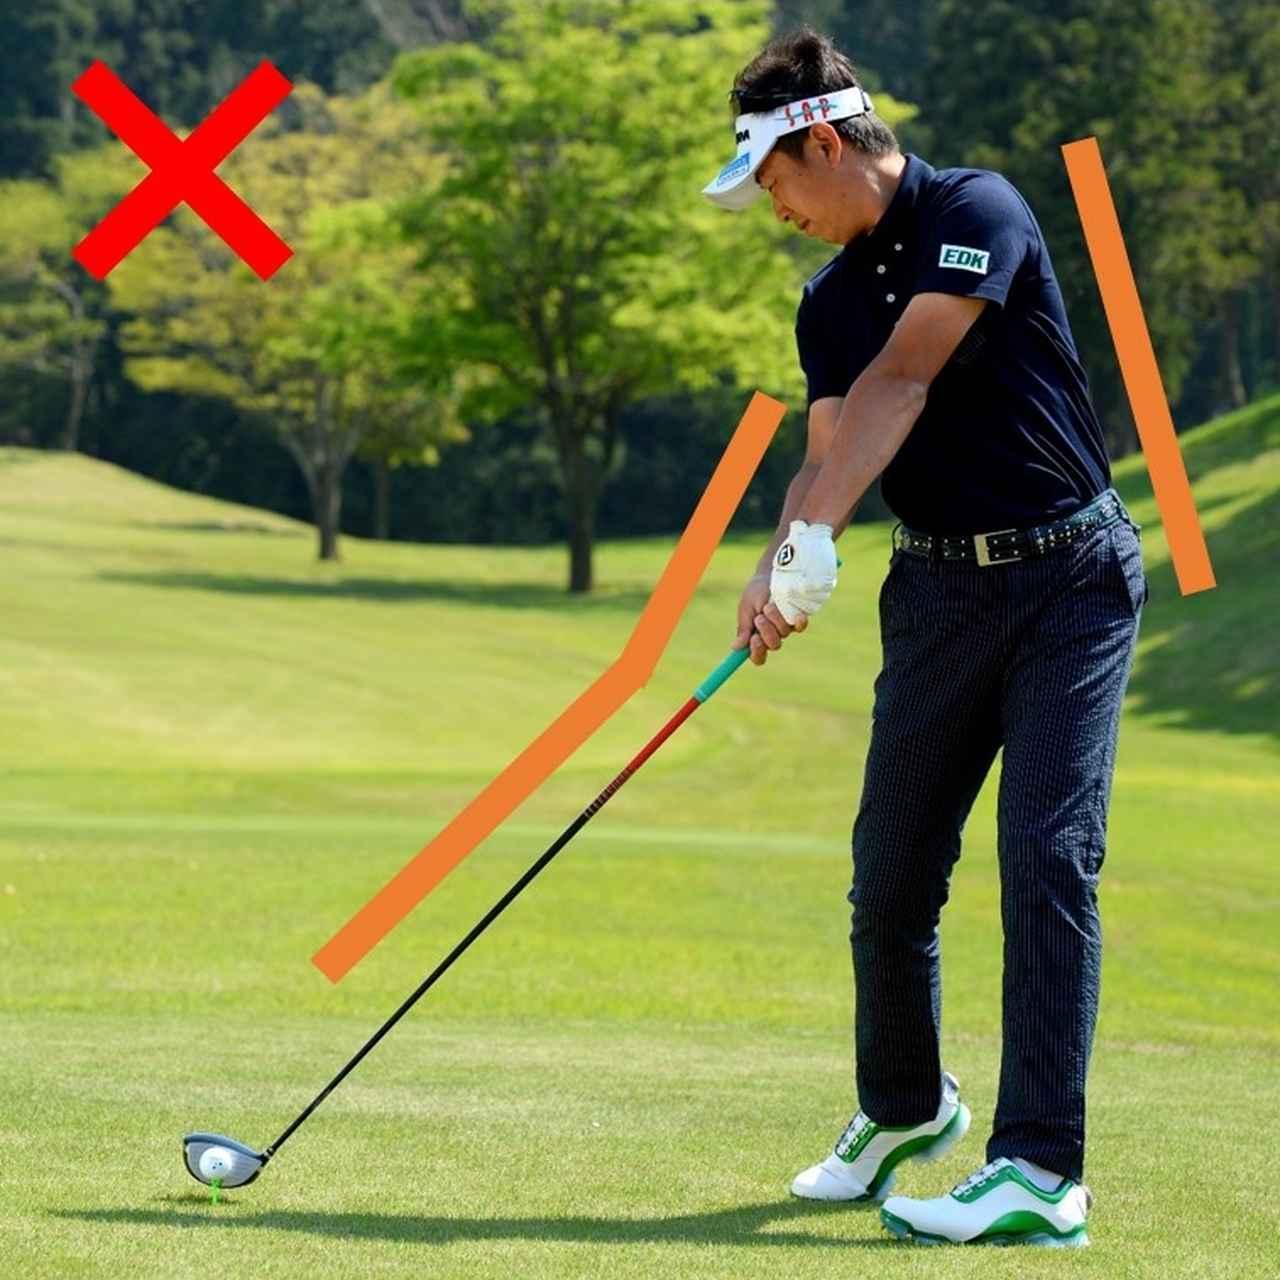 画像: 身体が左に流れると、手元が浮いてフェースの下目に当たる